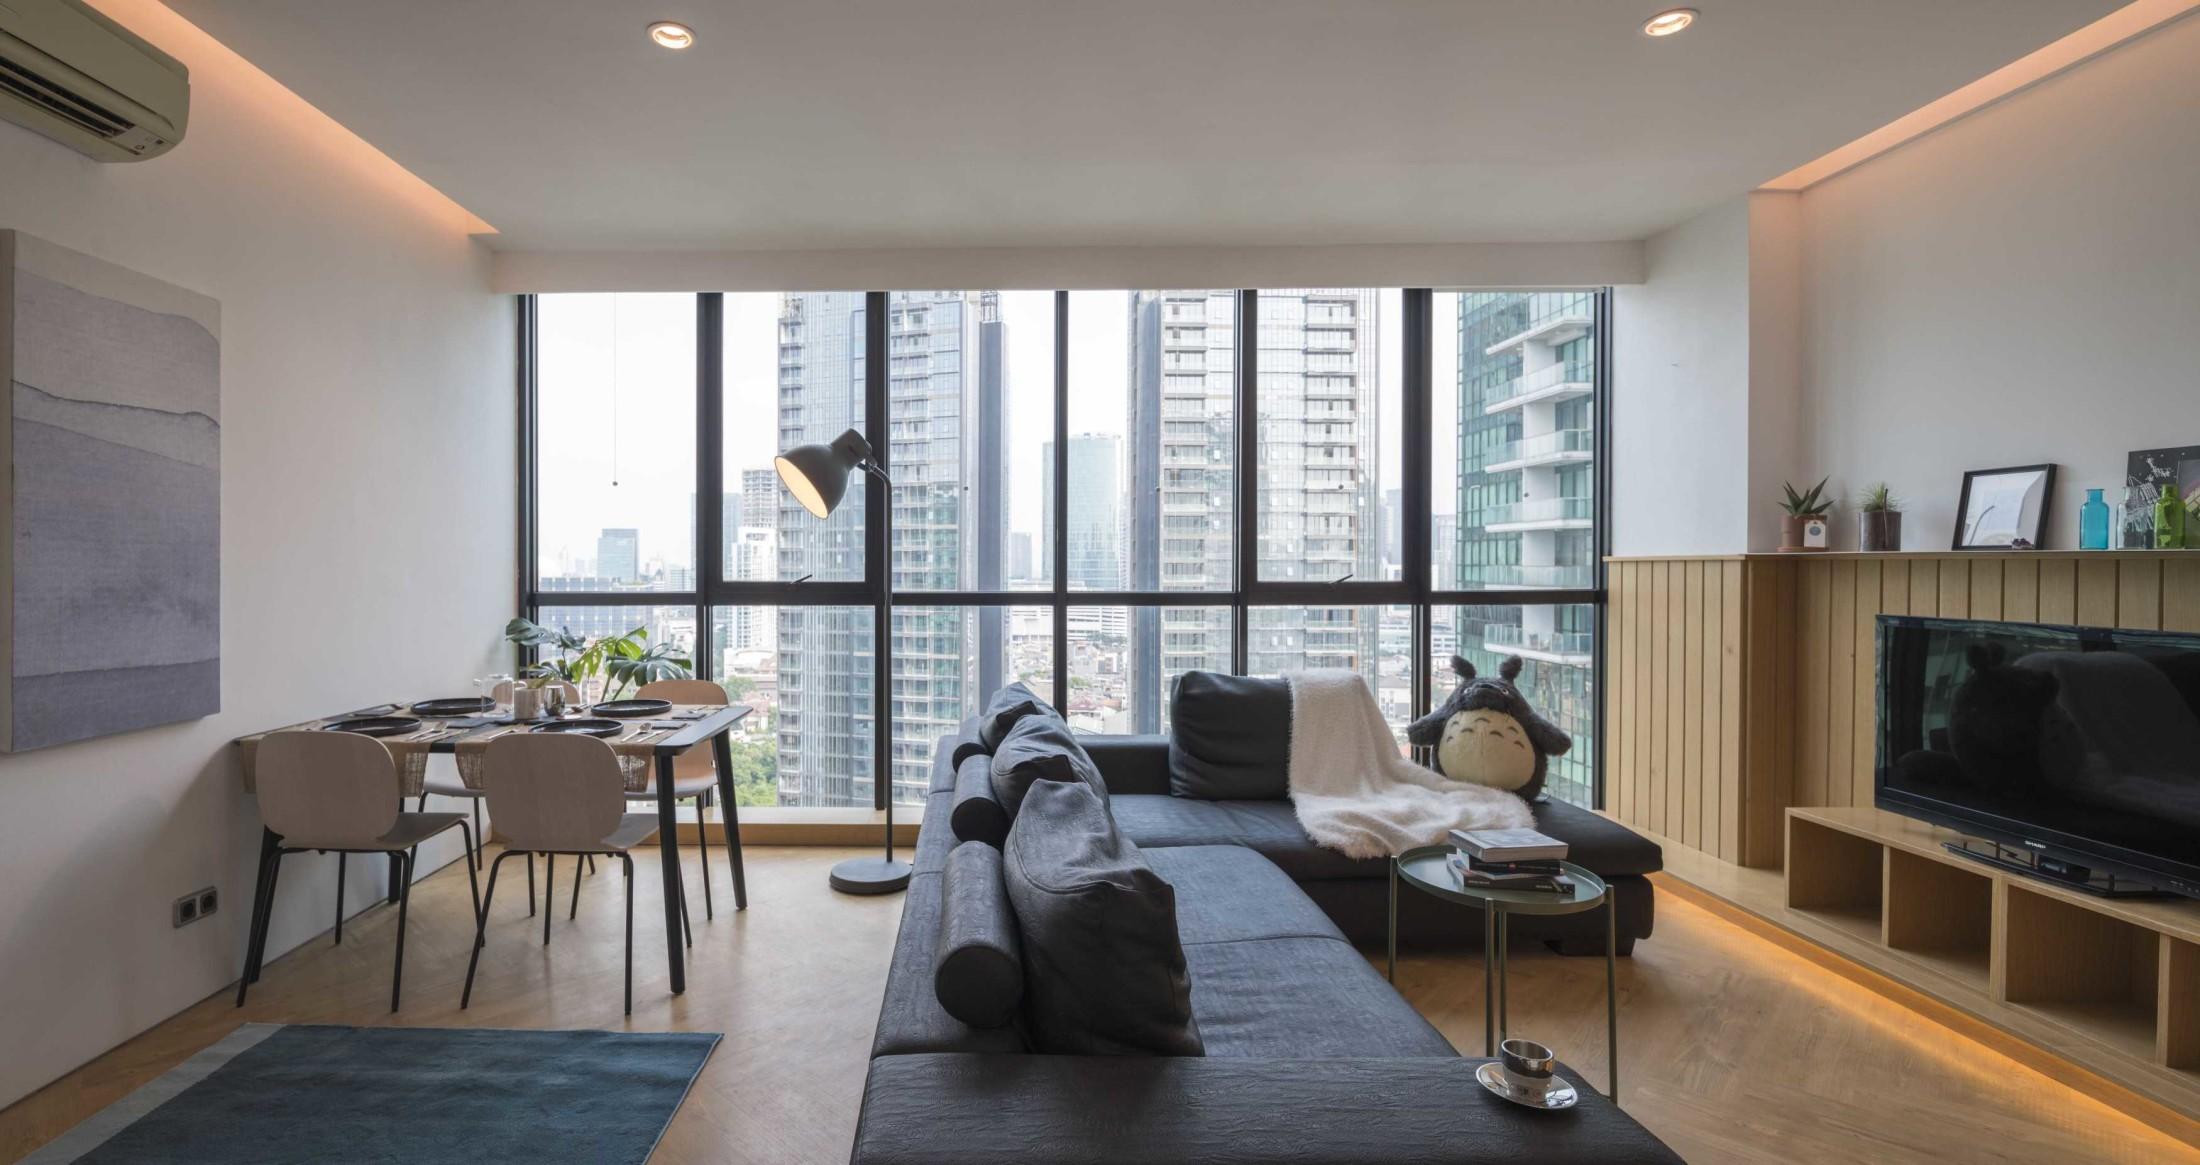 Apartemen minimalis dengan konsep ruang terbuka dan view yang luas (Sumber: arsitag.com)